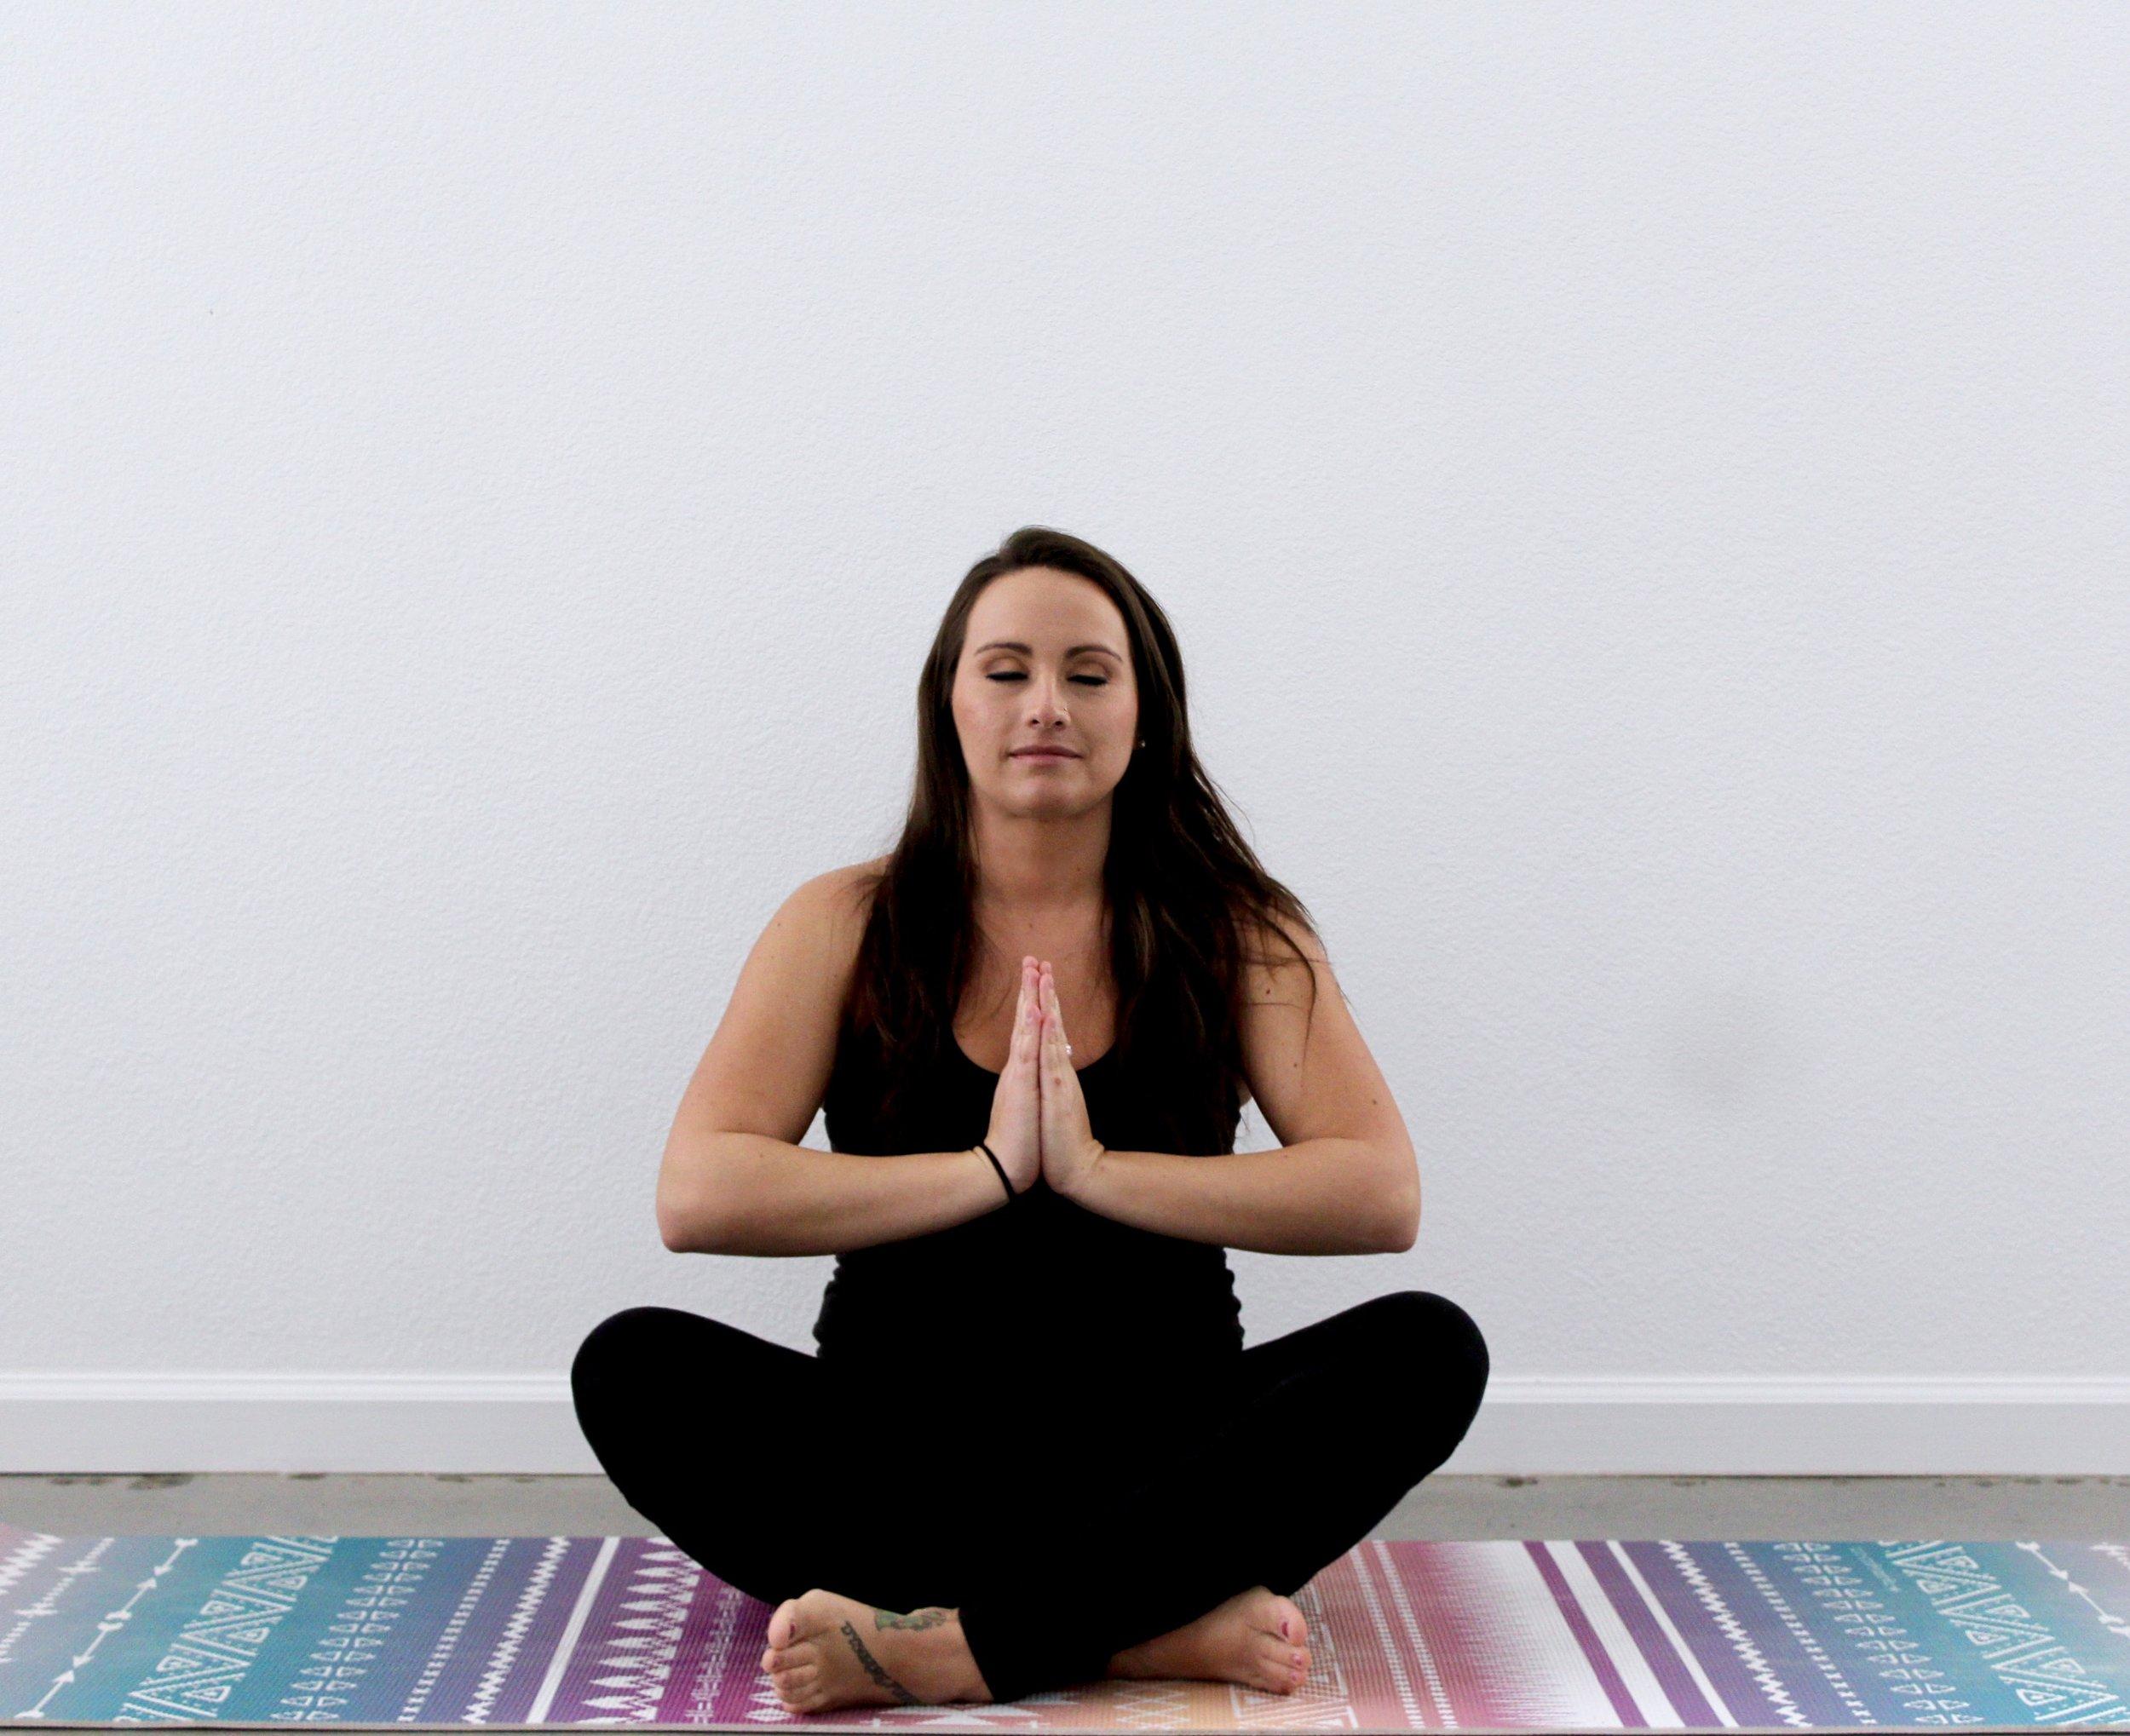 Namaste. Yoga instructor Michelle Trabucco